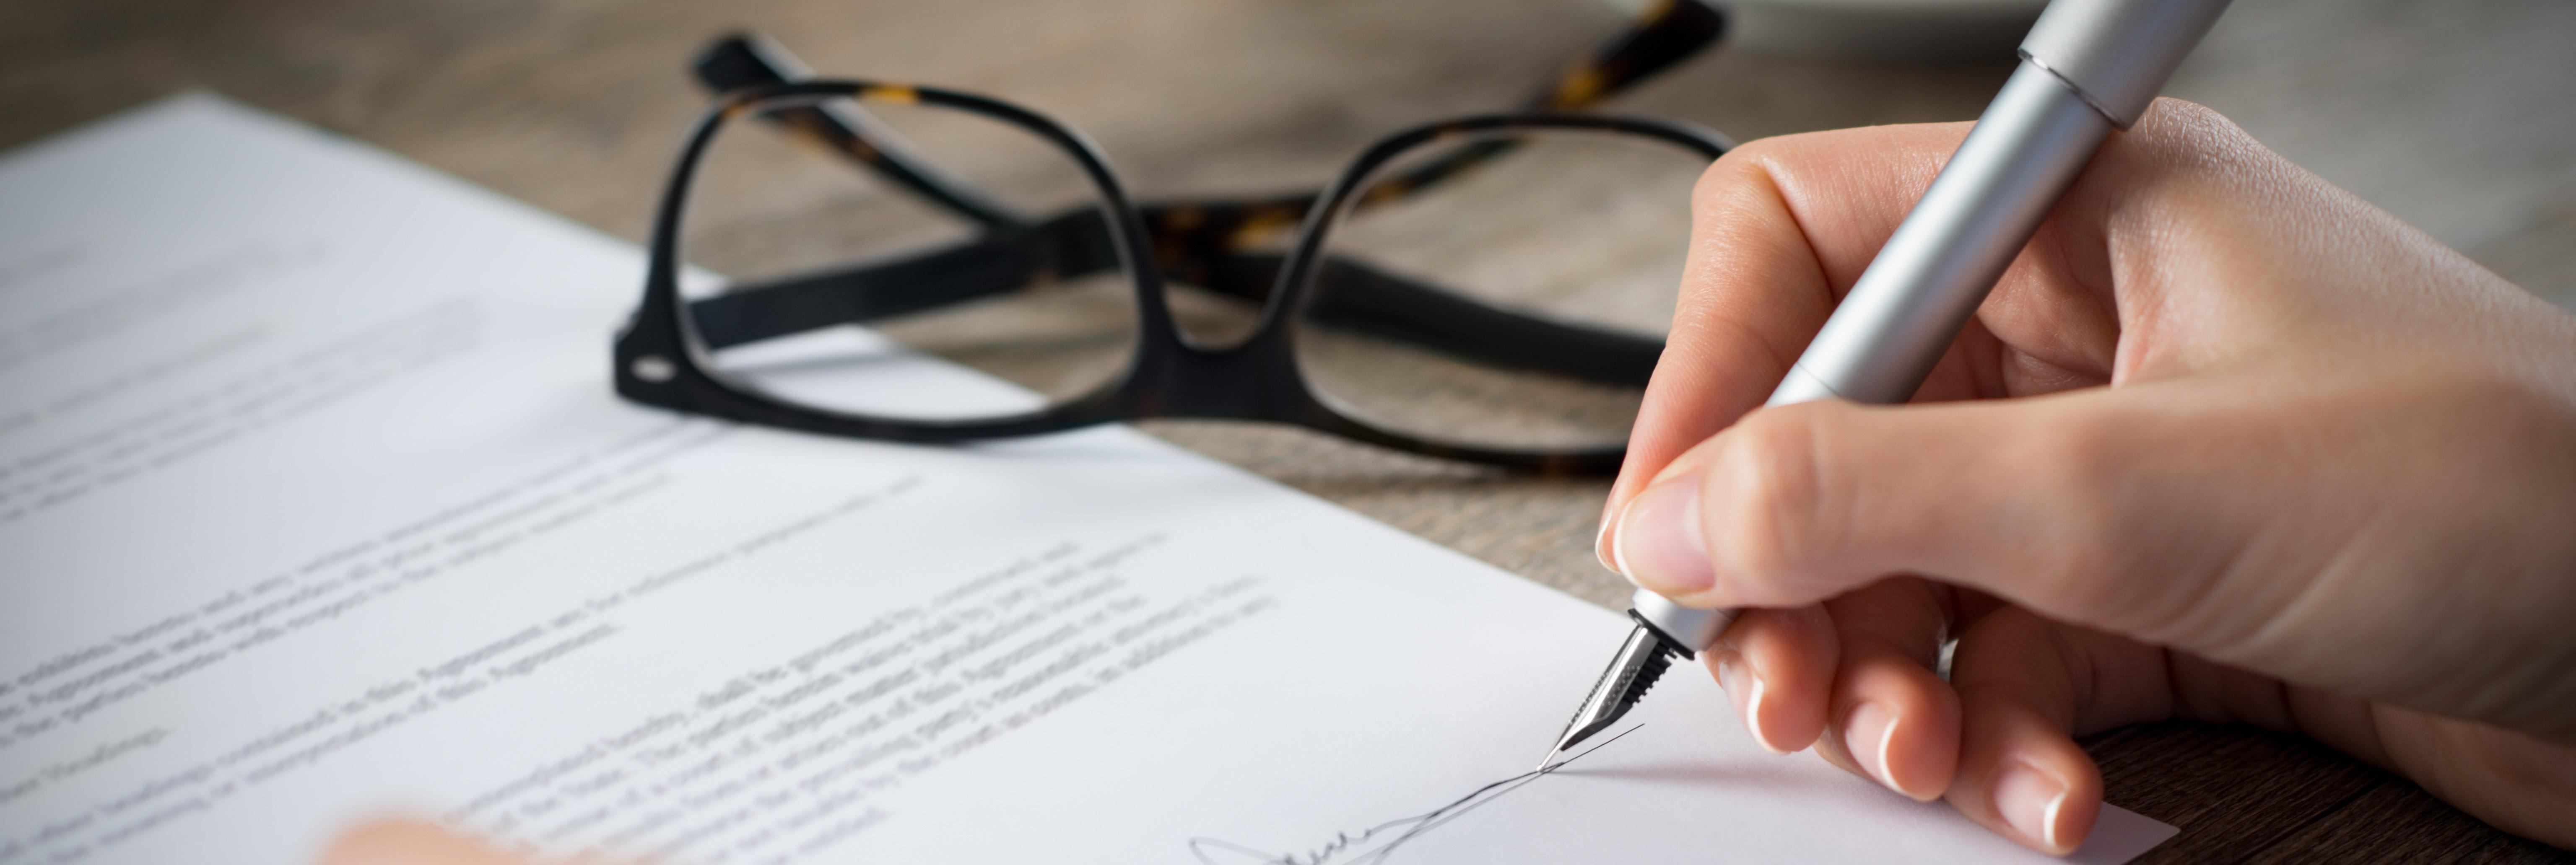 Stop oplichterij:||AFE Benelux helpt u met uw contract!